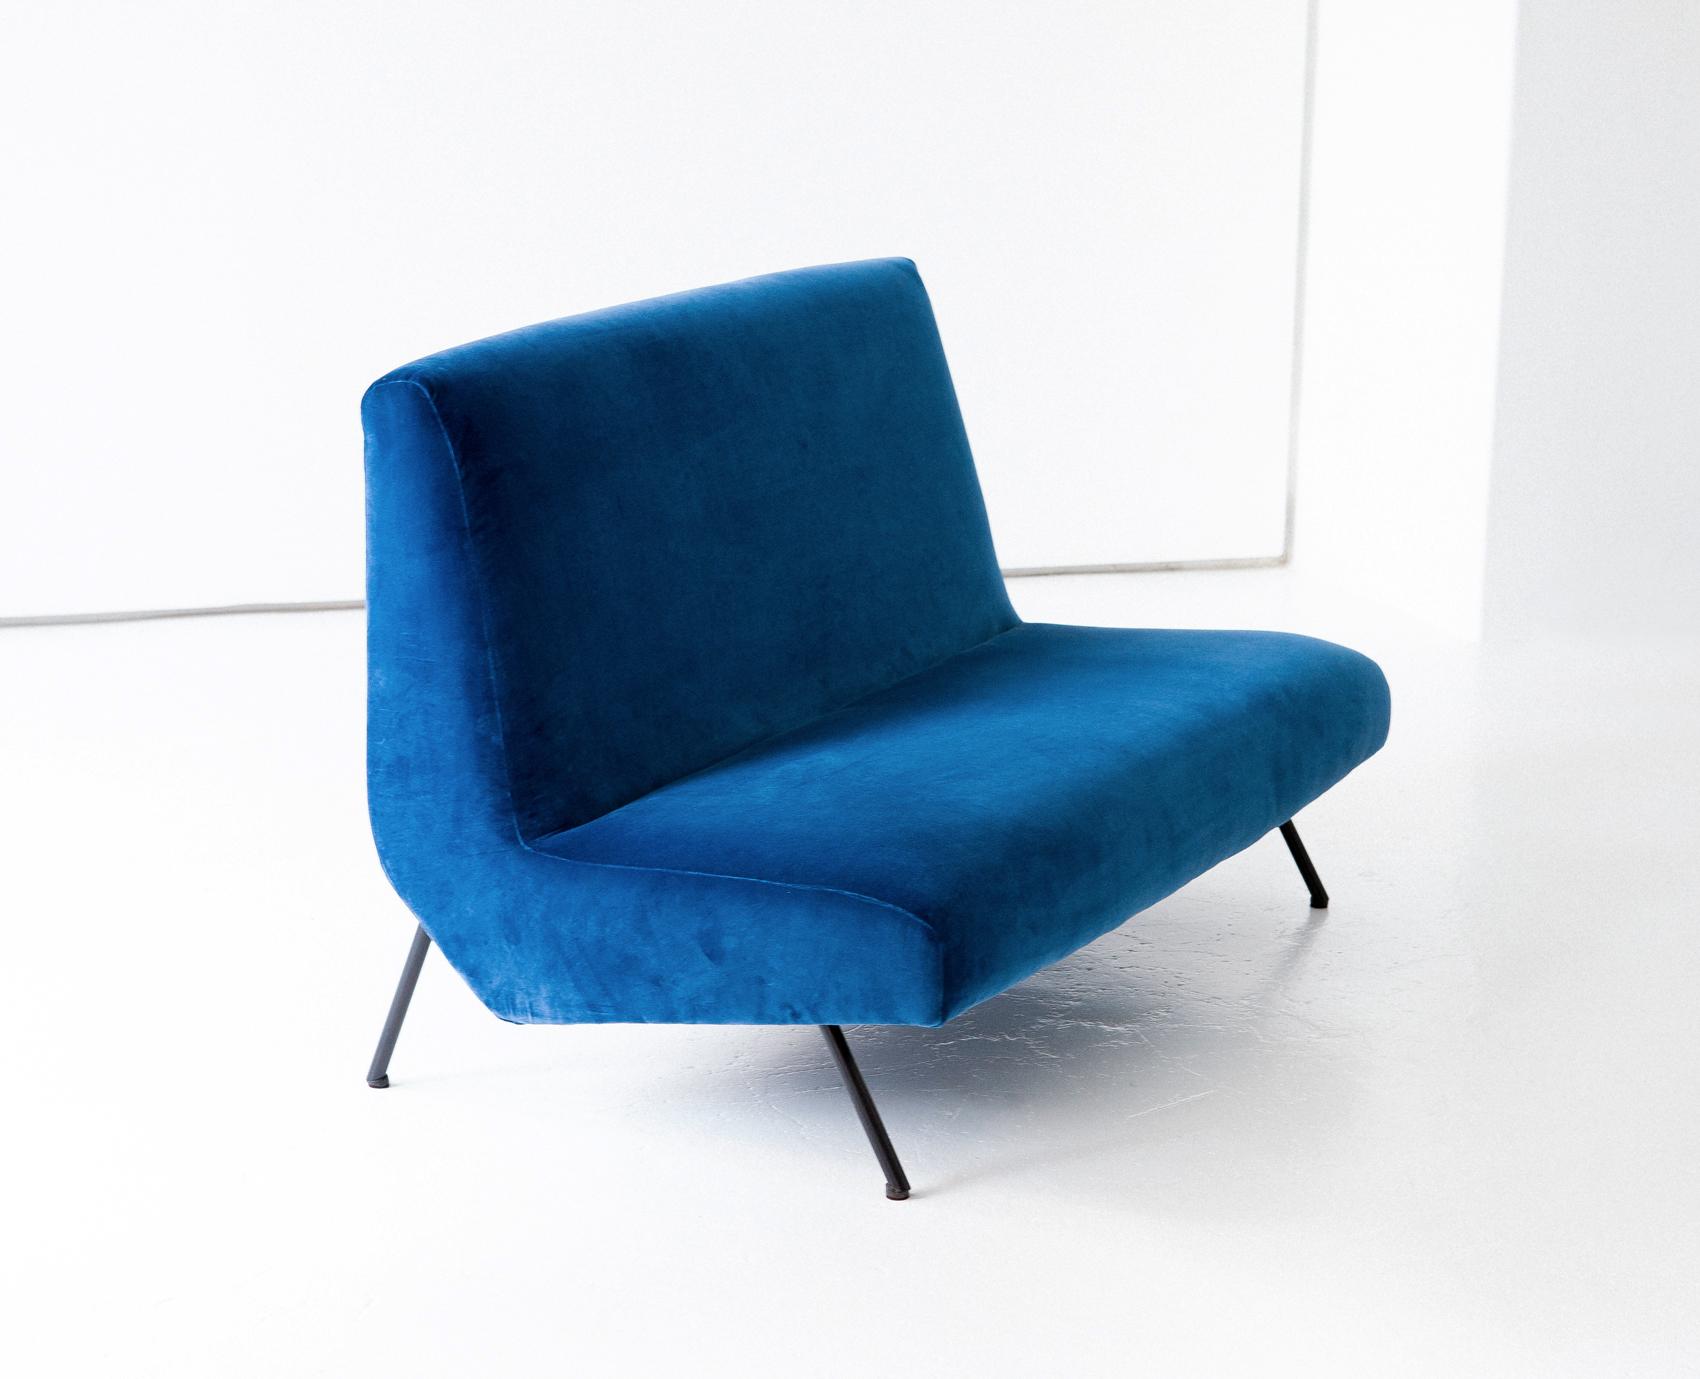 1950s-italian-blue-velvet-ultra-modern-sofa-3